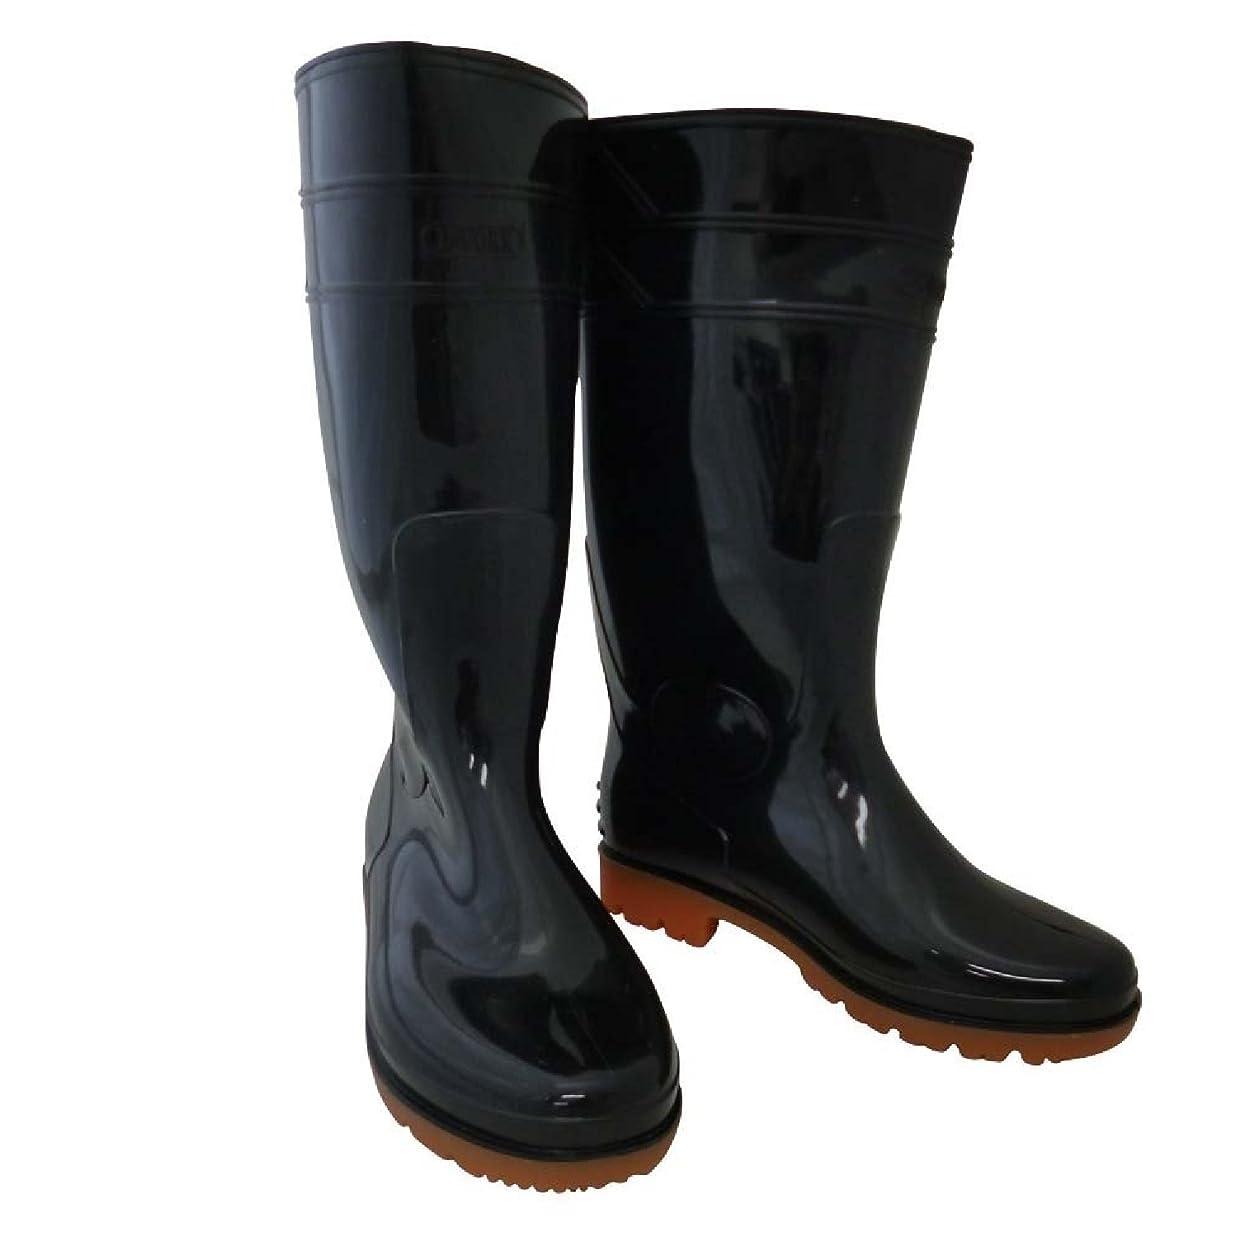 ちらつき収束するうまれたおたふく手袋/ロングタイプ耐油長靴/JW-708 サイズ:26.5cm カラー:黒